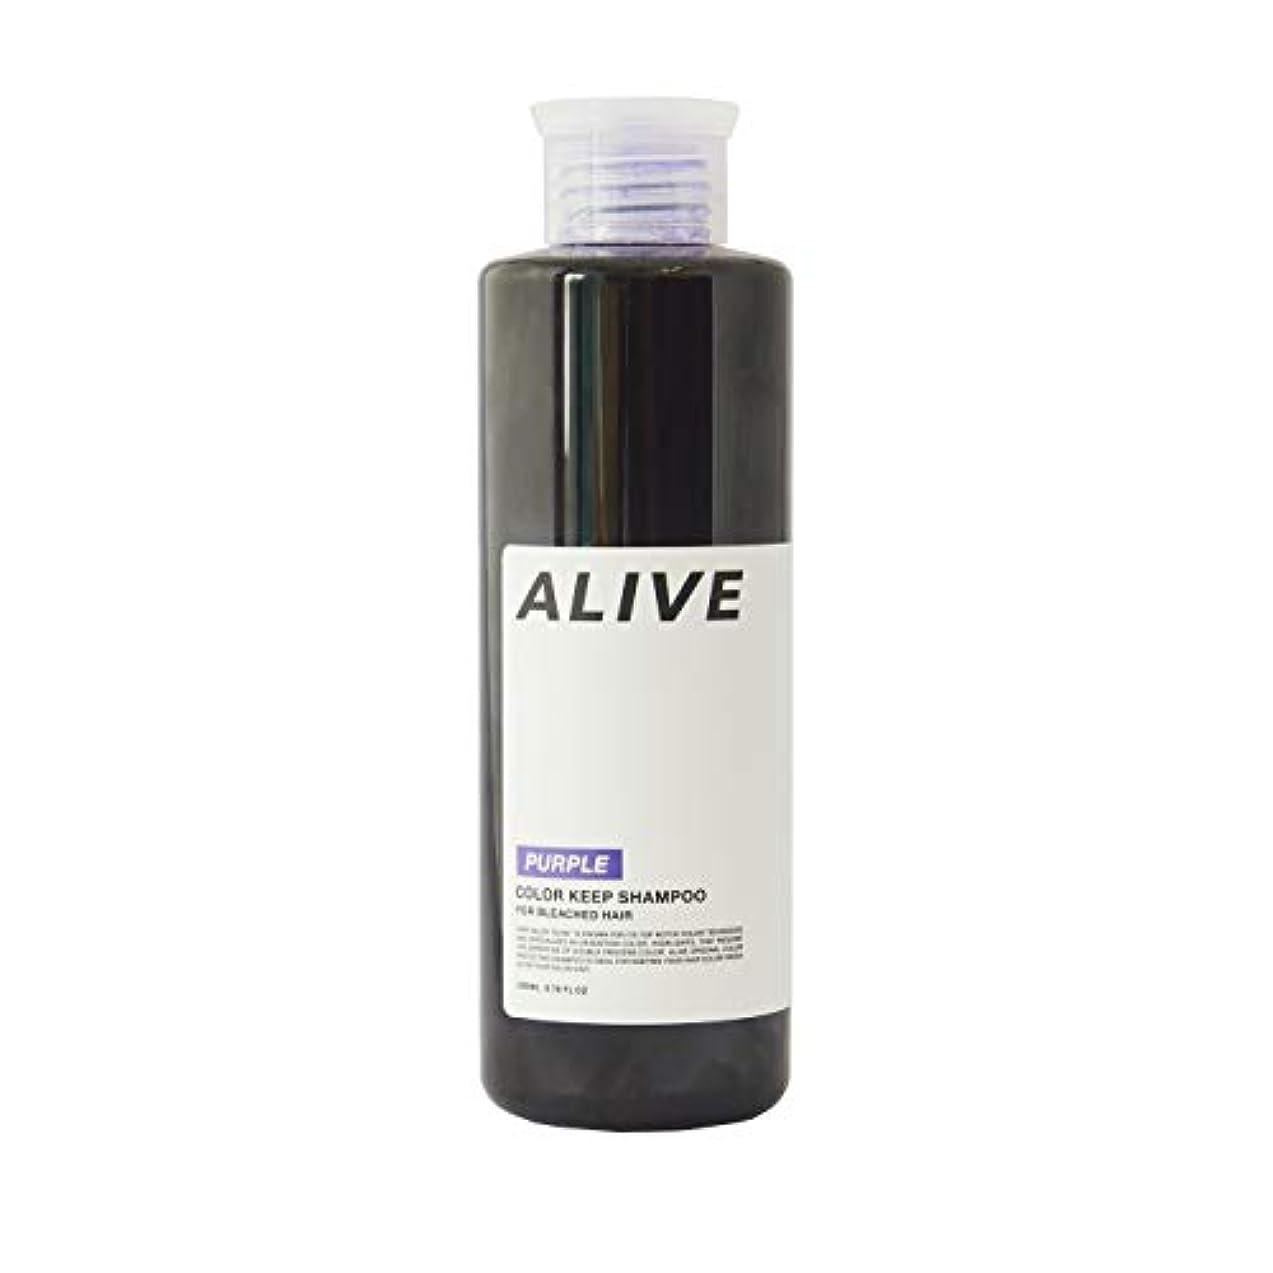 暴徒運動天ALIVE アライブ カラーシャンプー 極濃 紫シャンプー 200ml ムラサキ パープル ムラシャン ムラサキシャンプー